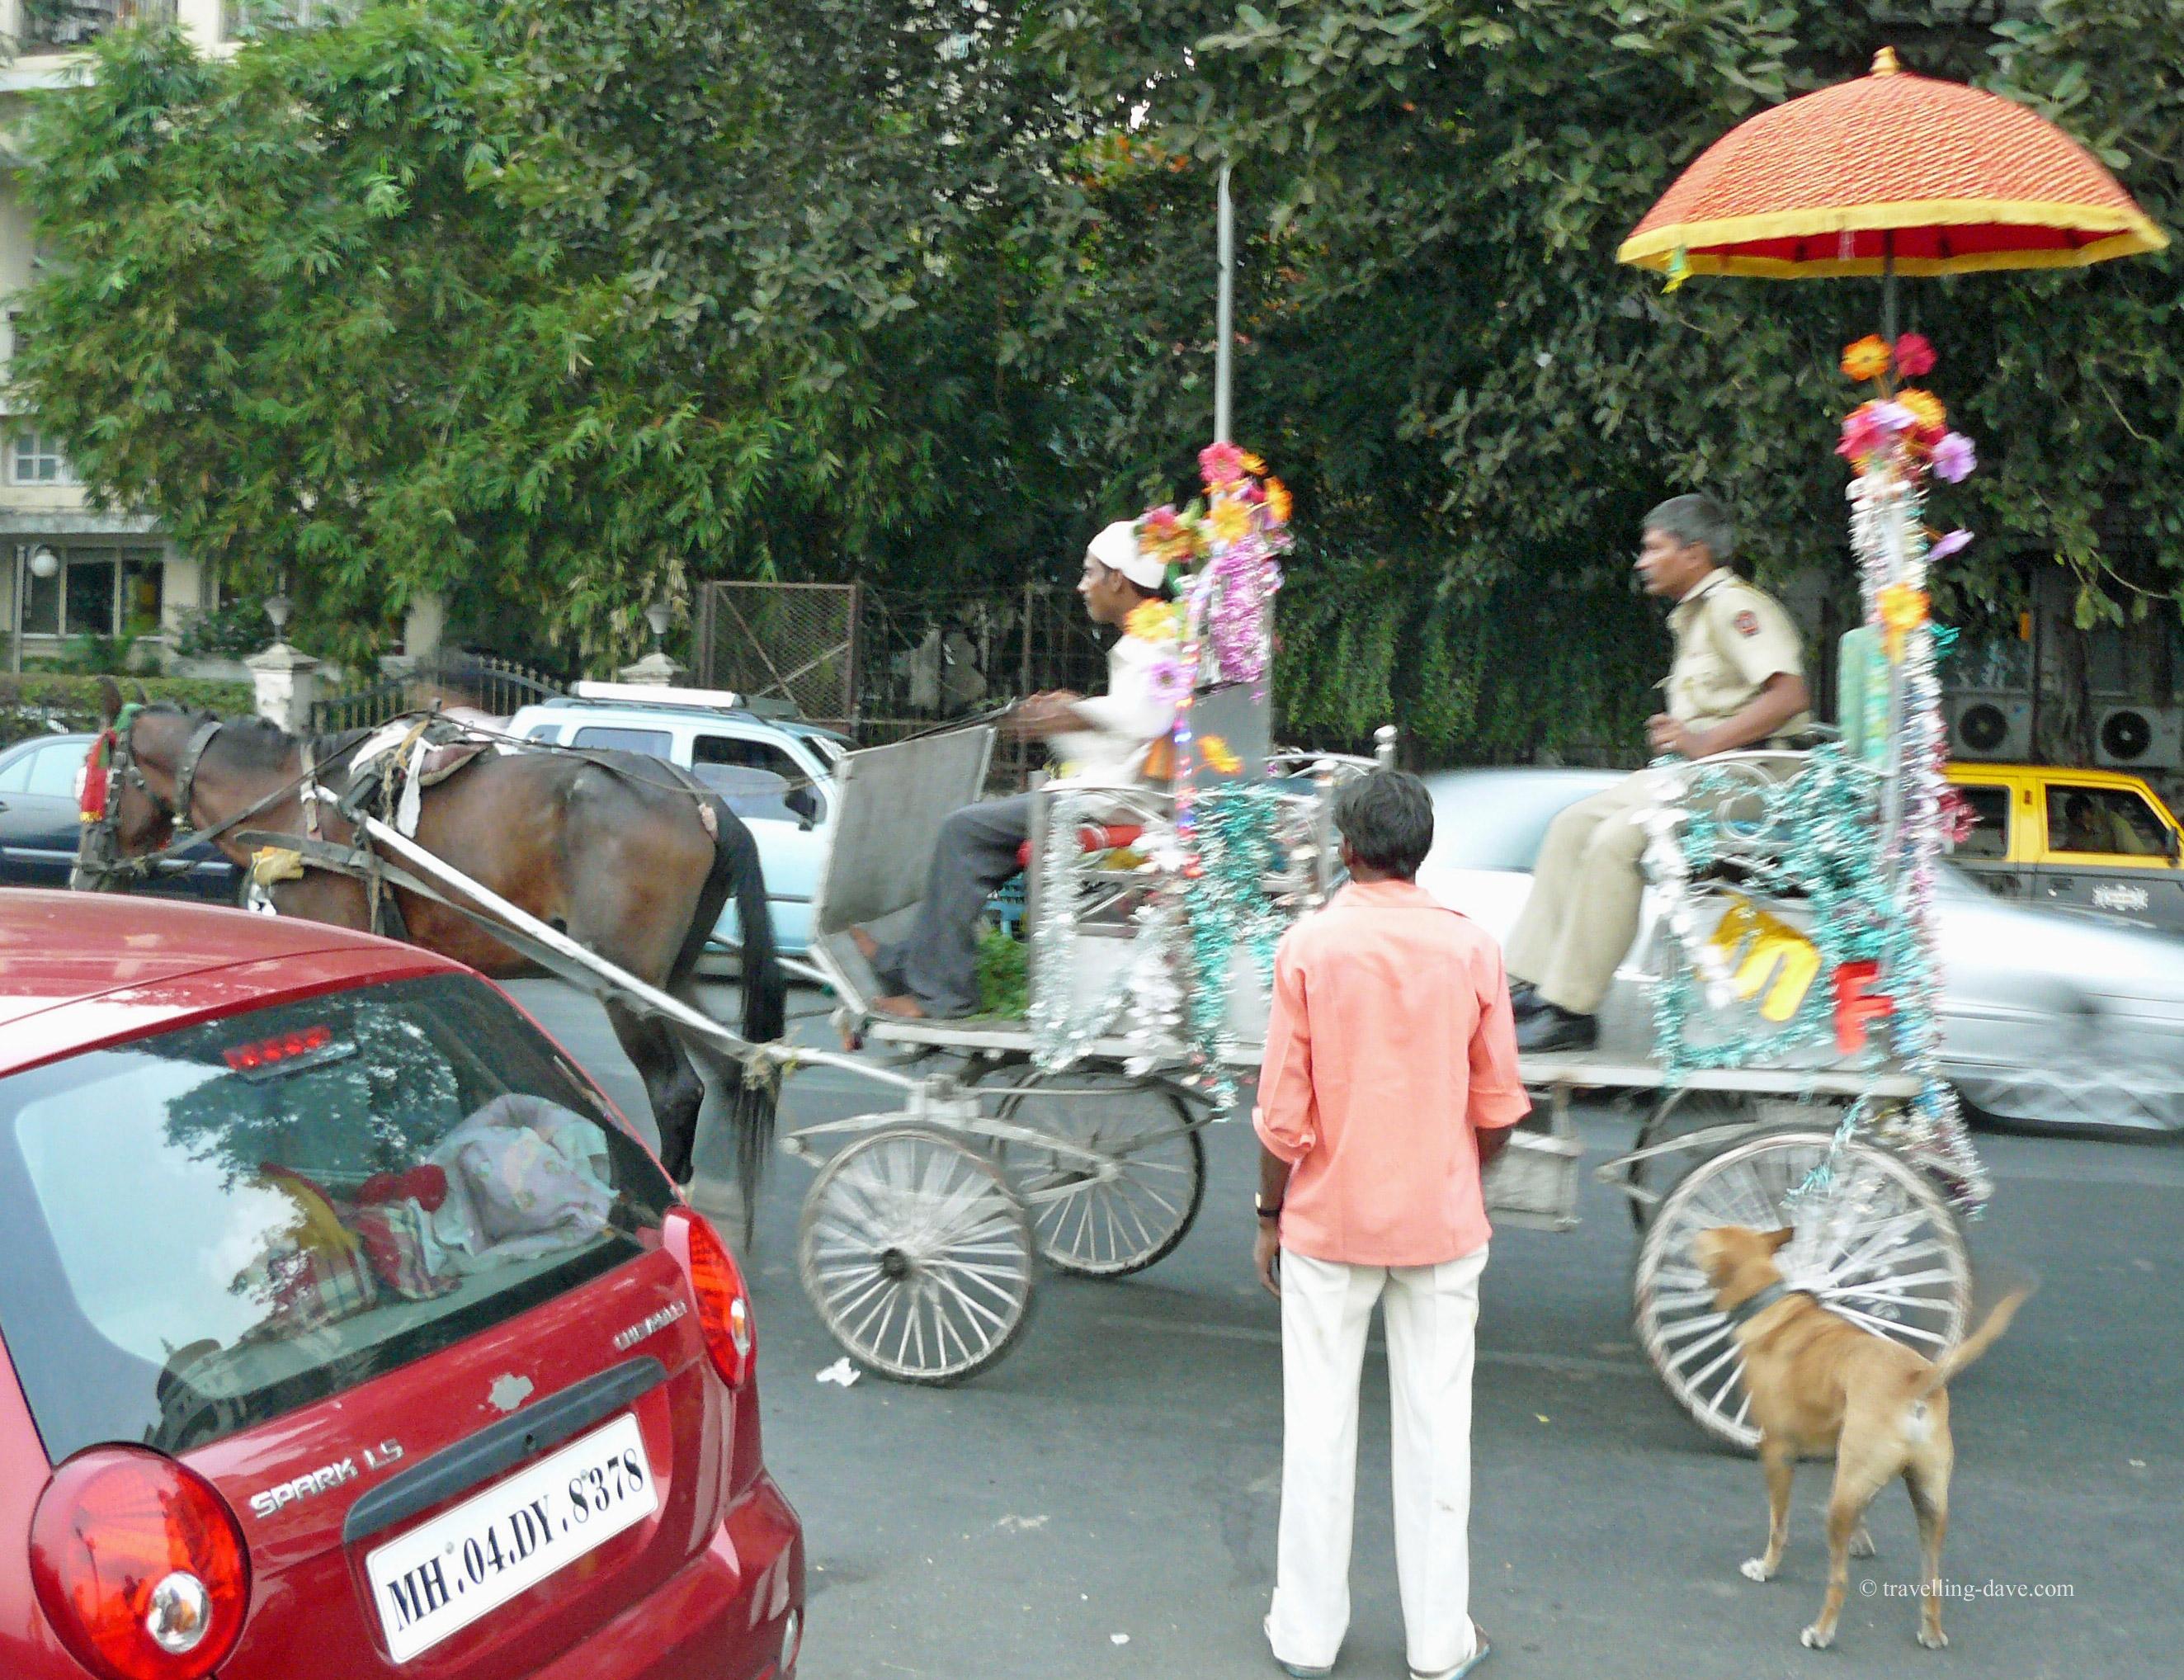 A horse-drawn carriage driven through Mumbai